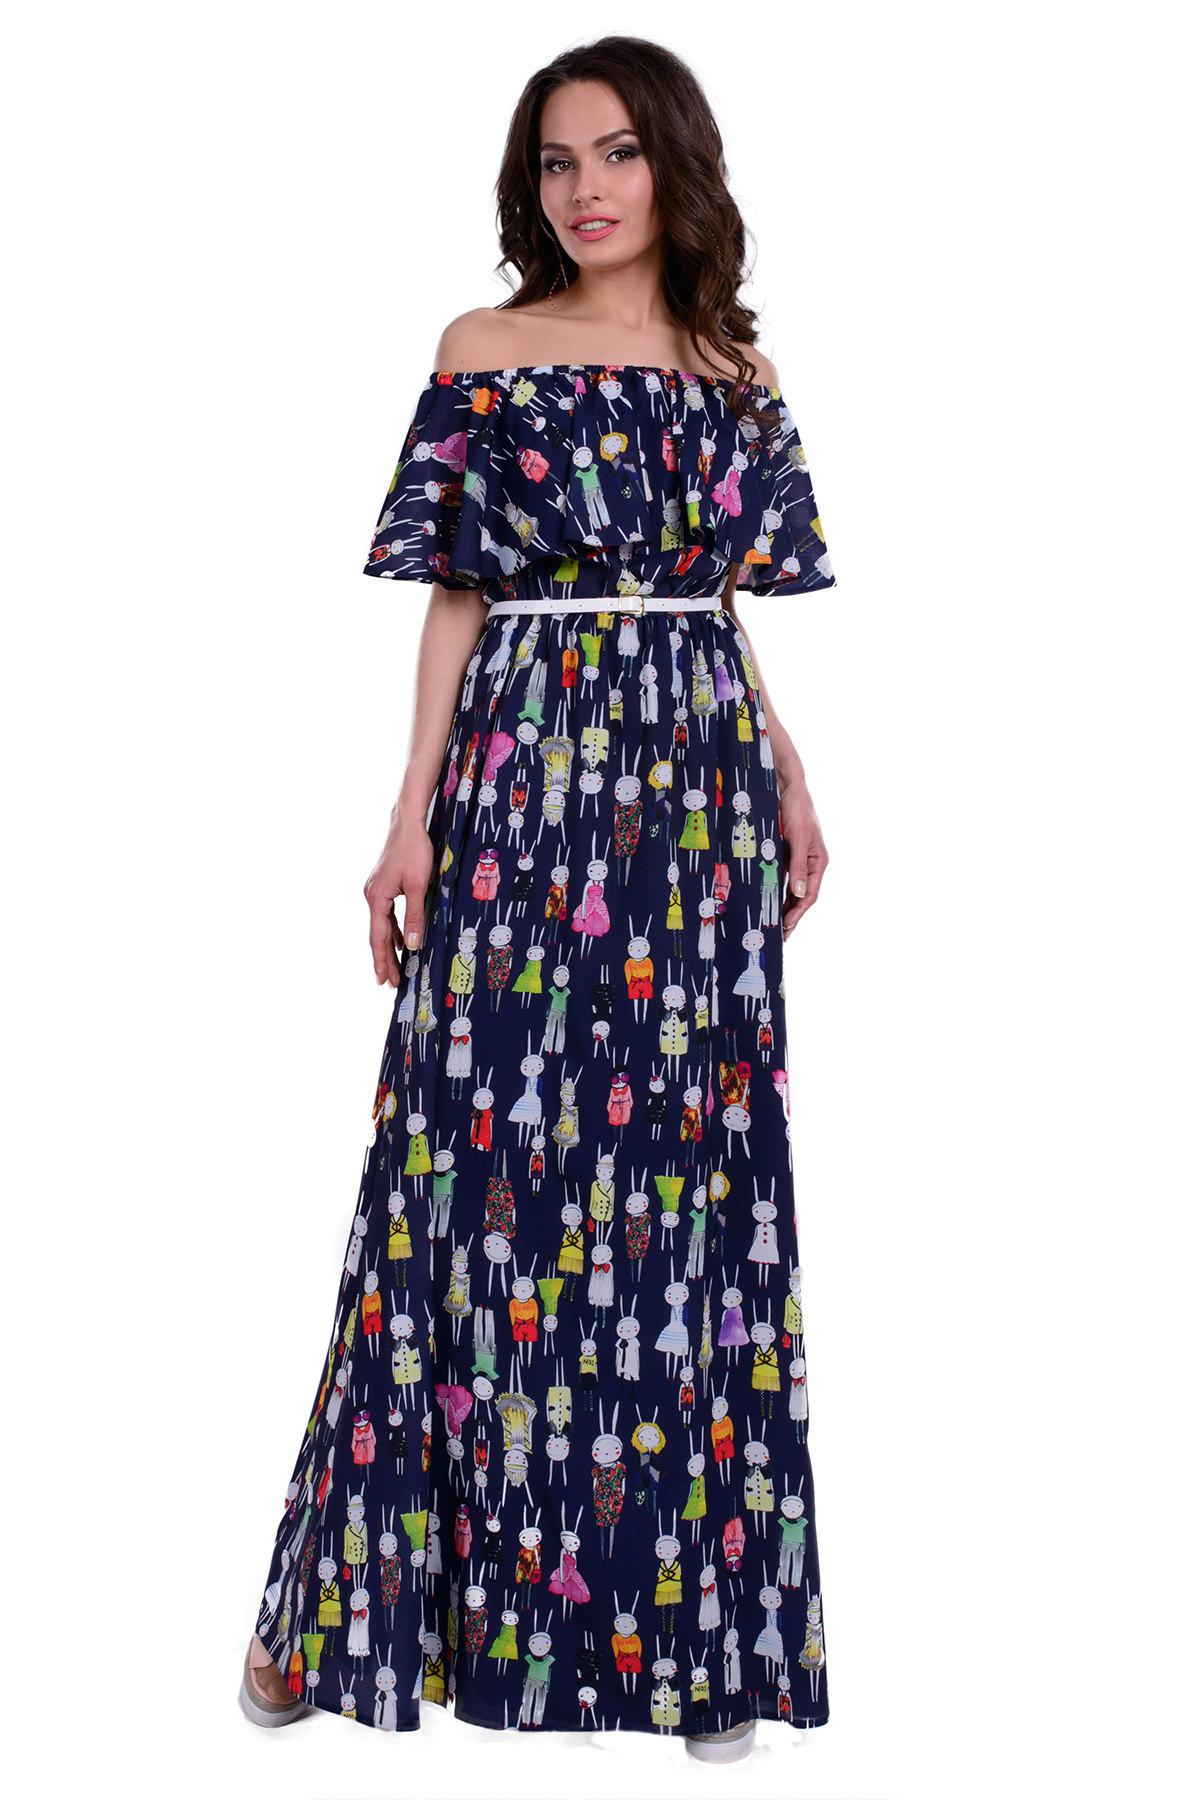 c5e63a50945 Купить платья оптом от производителя Платье Крис креп шифон принт стрейч